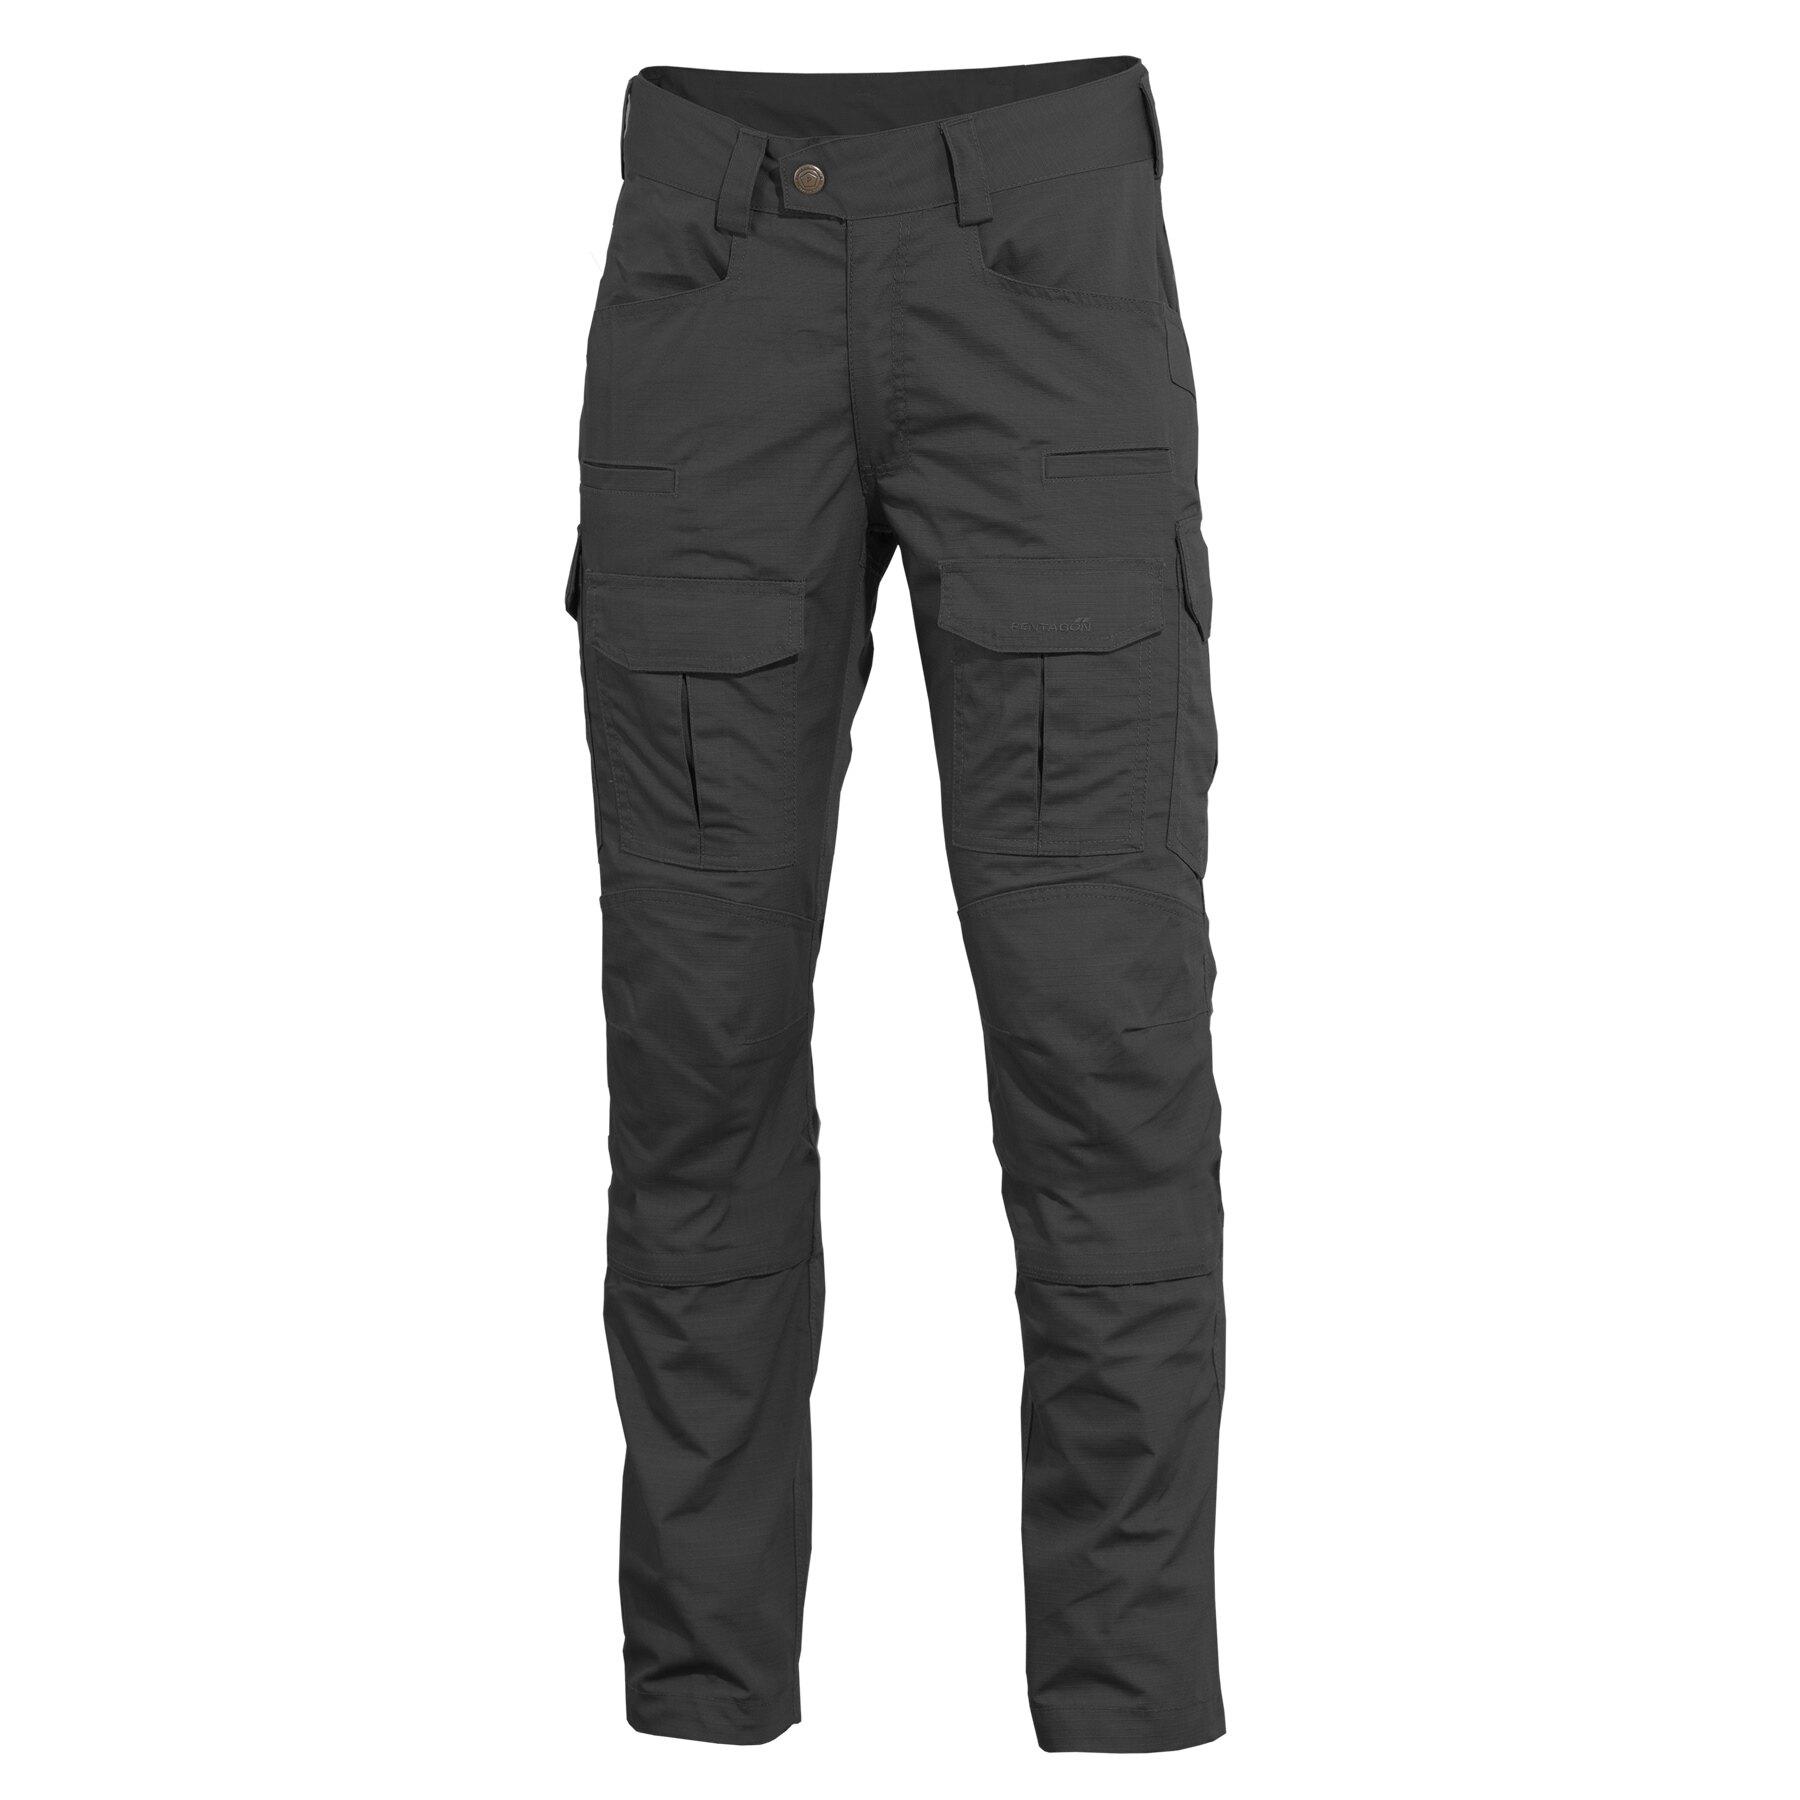 Nohavice Lycos Combat Pentagon® – Čierna (Farba: Čierna, Veľkosť: 42)